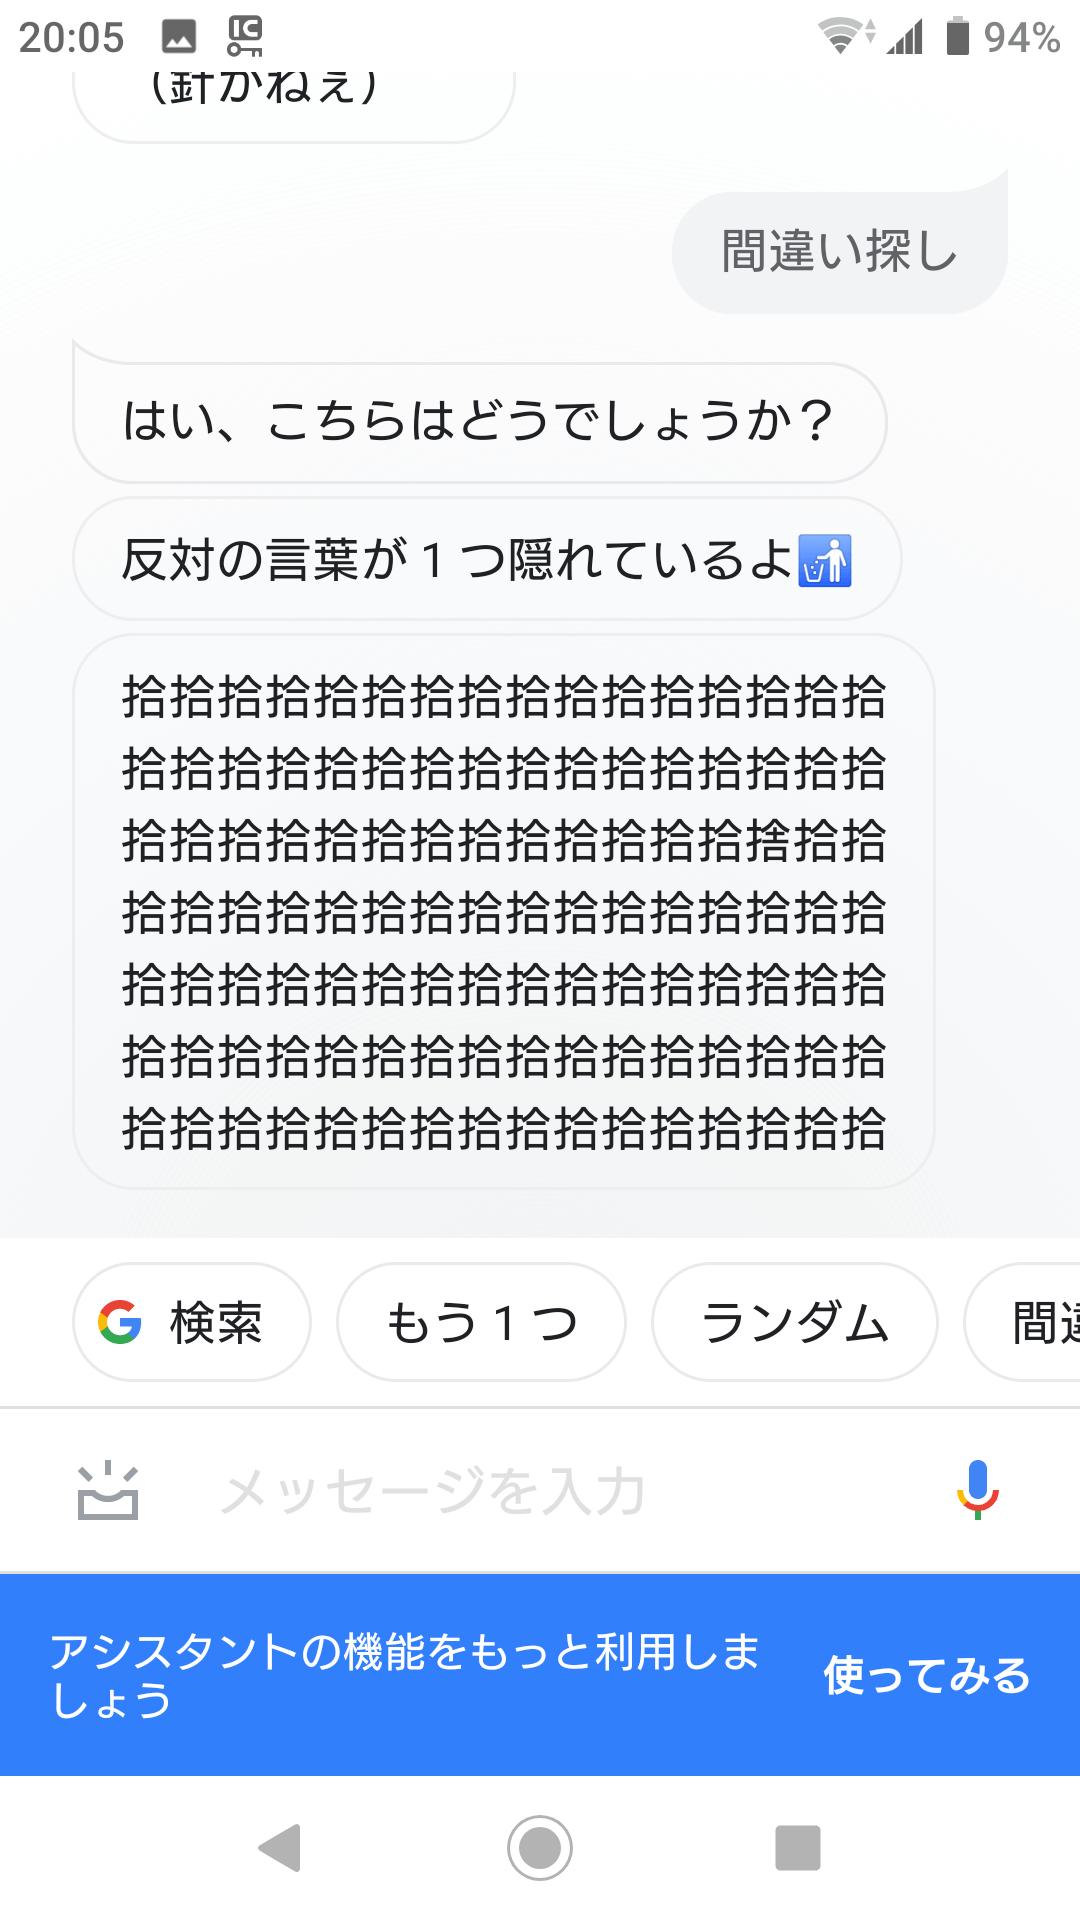 Google アシスタント 間違い探し